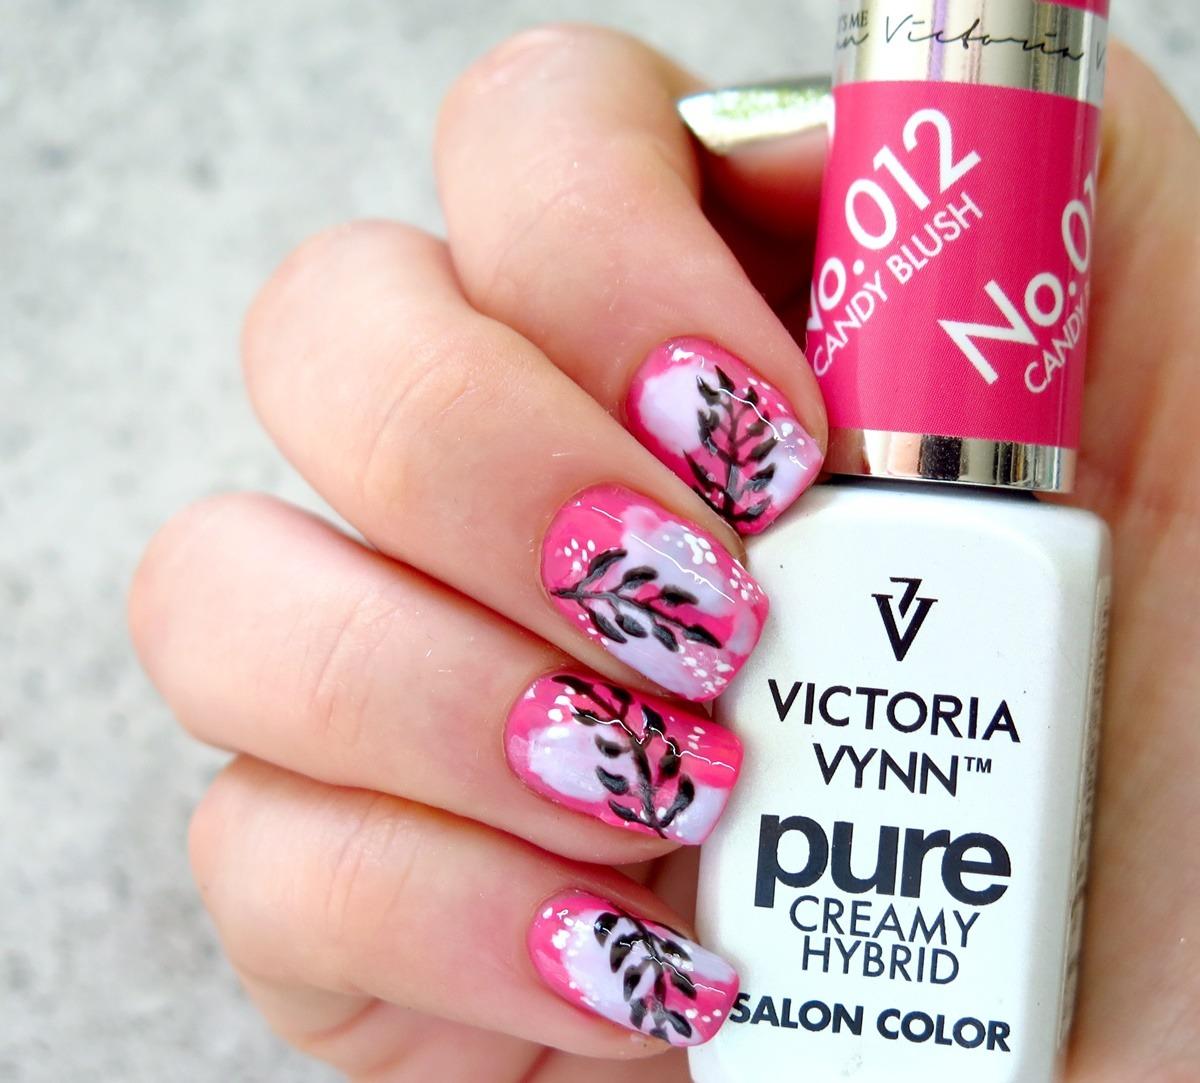 victoria vynn pure 012 candy blush stylizacja paznokci